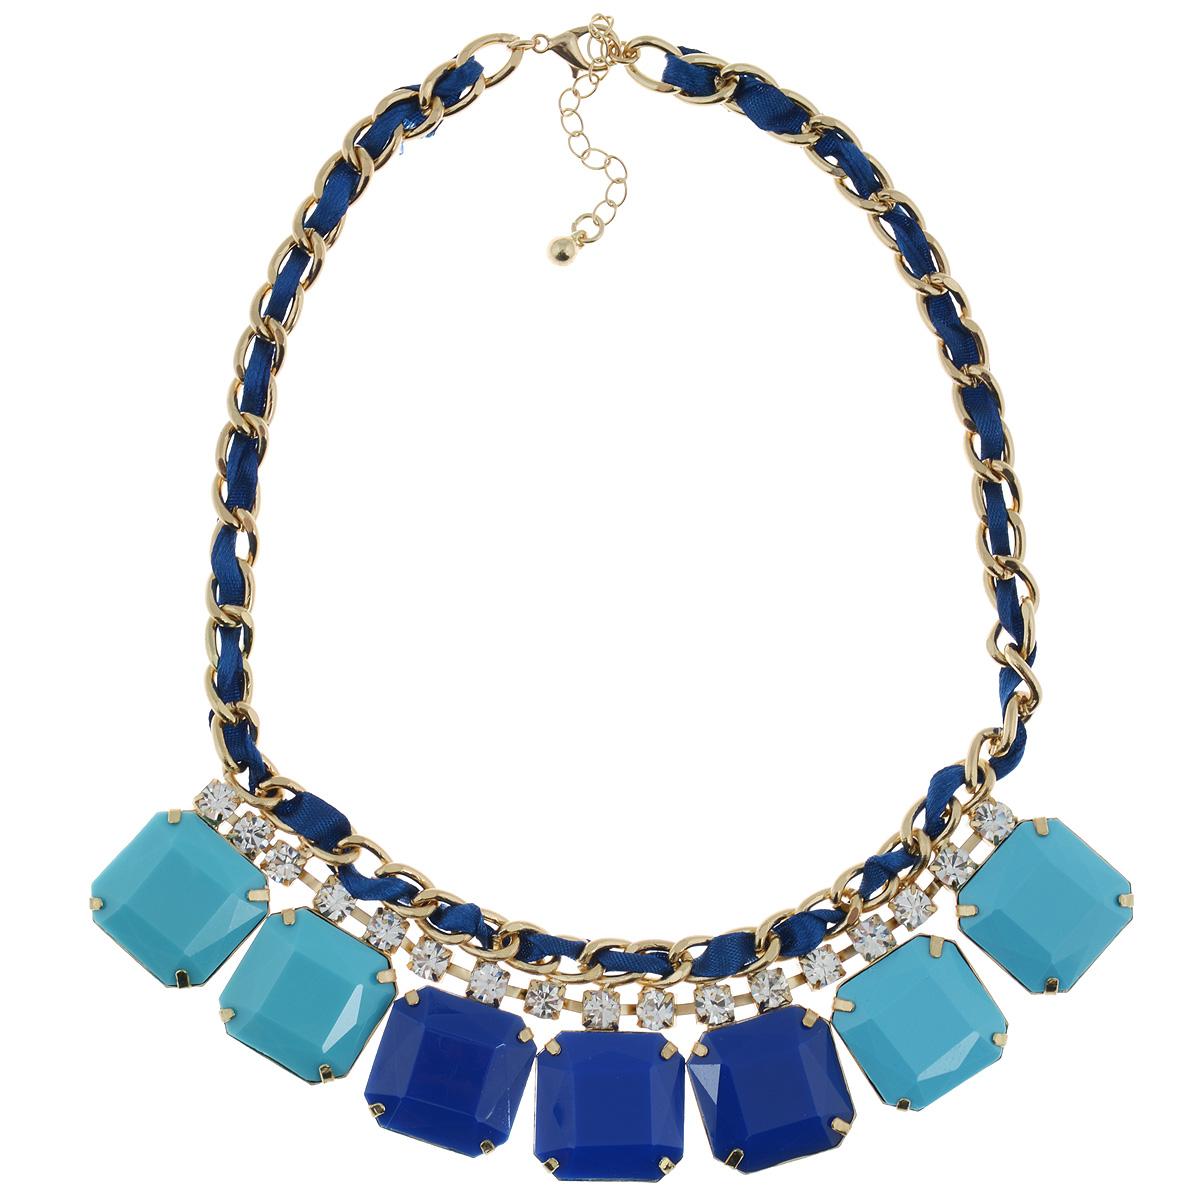 Колье Taya, цвет: золотистый, синий. T-B-6168T-B-6168-NECK-GL.BLUEСтильное колье модного дизайна Taya, состоящее из коротких одноярусных бус с дополнительными вставками, подчеркнет вашу красоту и преобразит даже повседневную одежду. Колье выполнено из гипоаллергенного сплава. По всей длине украшено атласной лентой синего цвета. Декоративная часть выполнена в виде квадратов из пластика одинаковой формы в голубых и синих оттенках и дополнена стразами белого цвета. Оно имеет надежную застежку-карабин с регулирующей длину цепочкой. Такое колье позволит вам с легкостью воплотить самую смелую фантазию и создать собственный, неповторимый образ.